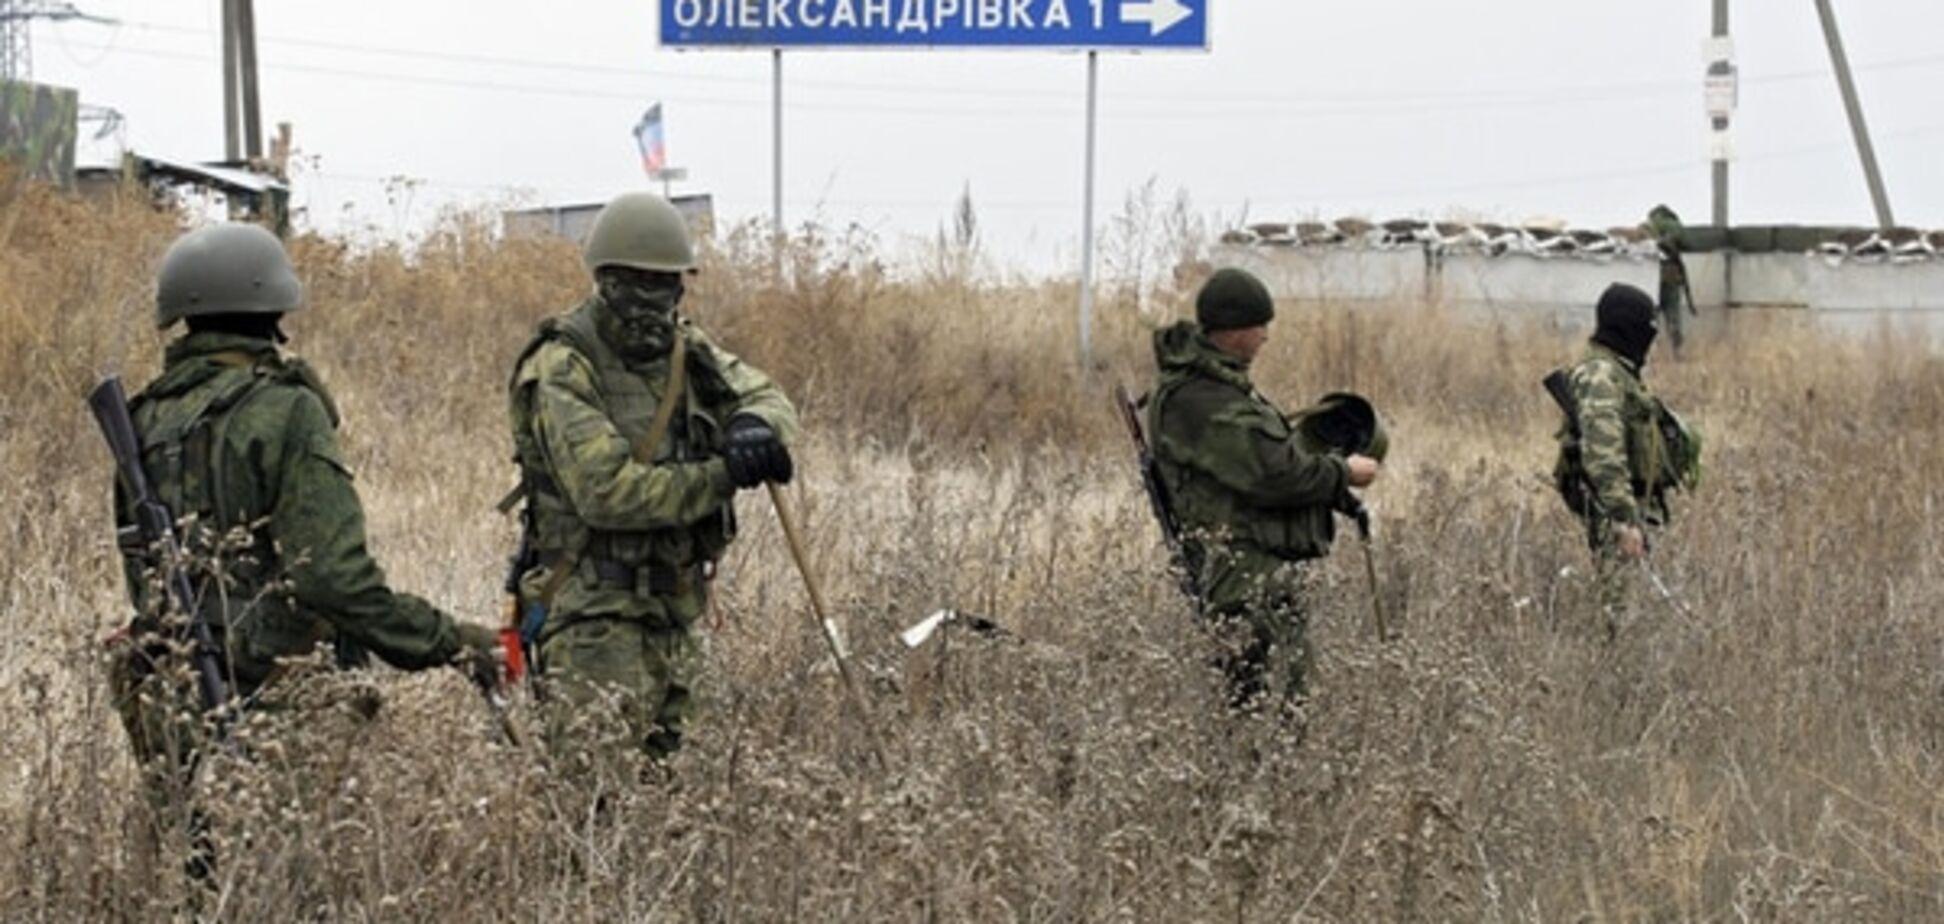 Терористи знайшли новий спосіб потрапити на Донбас